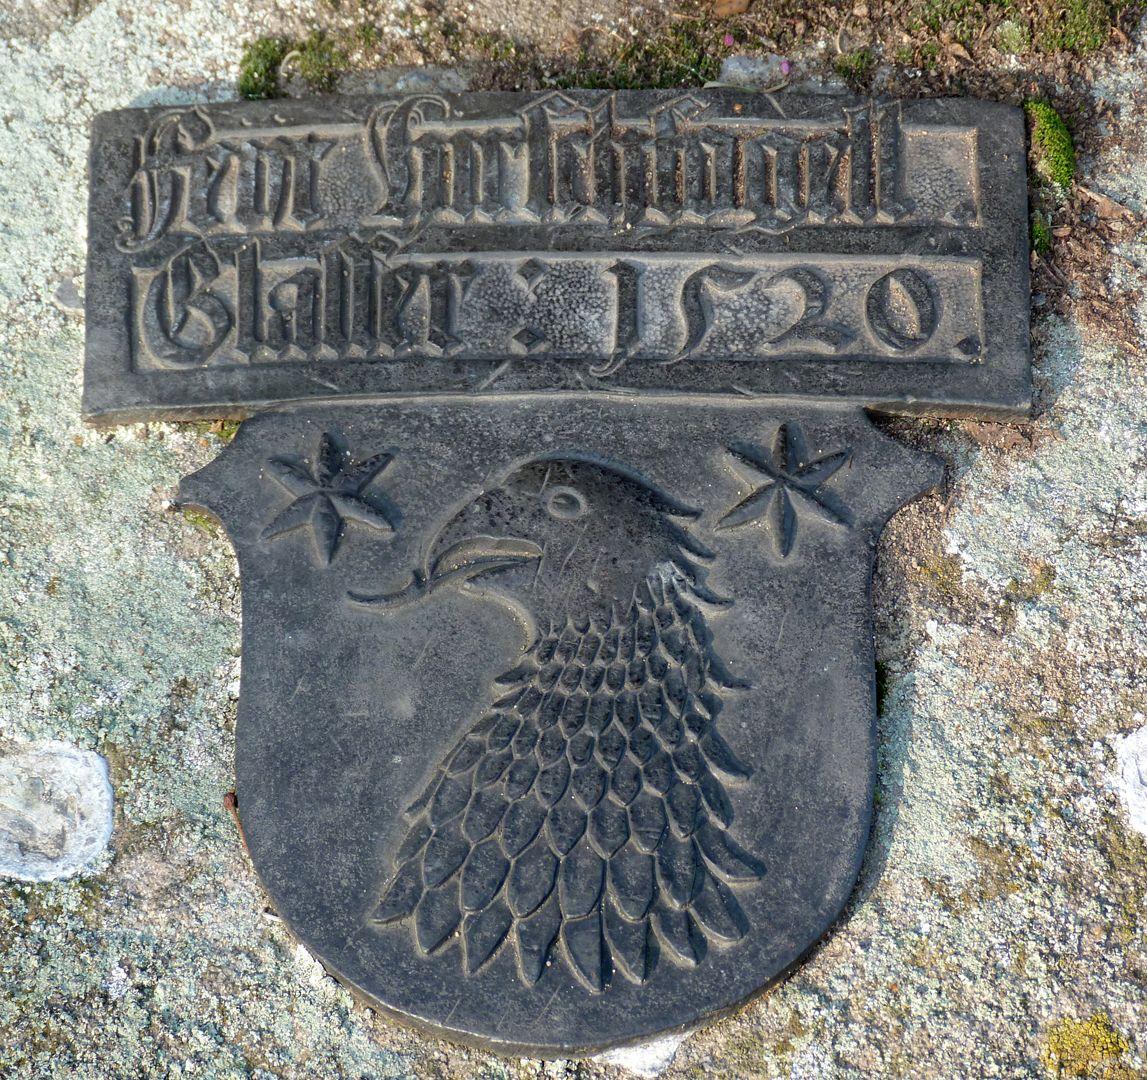 Hirsvogel Epitaph Coat of arms